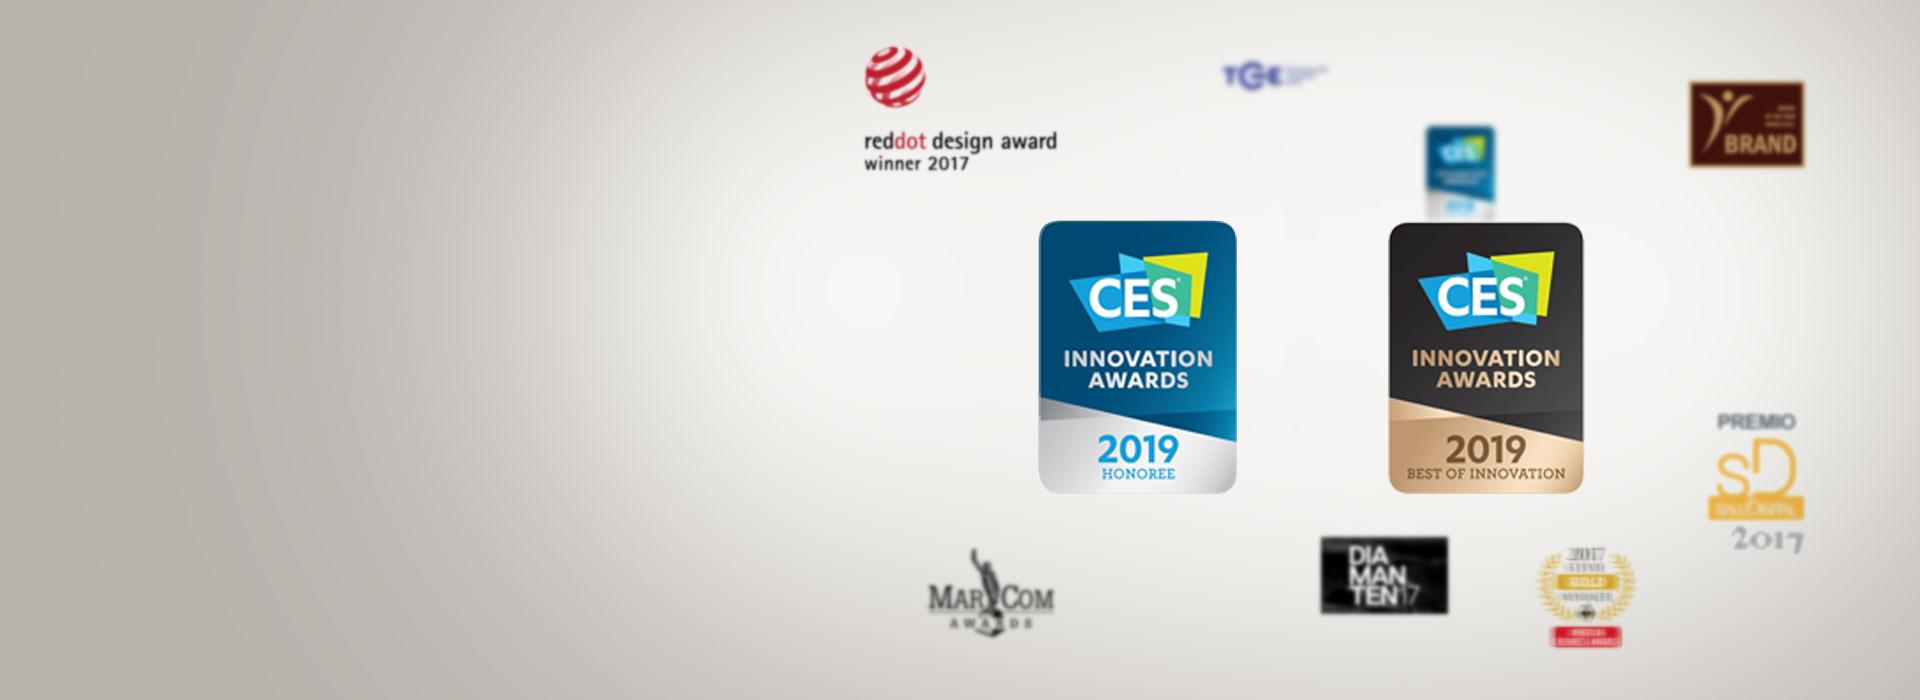 award-opn-solutions-btc-bte